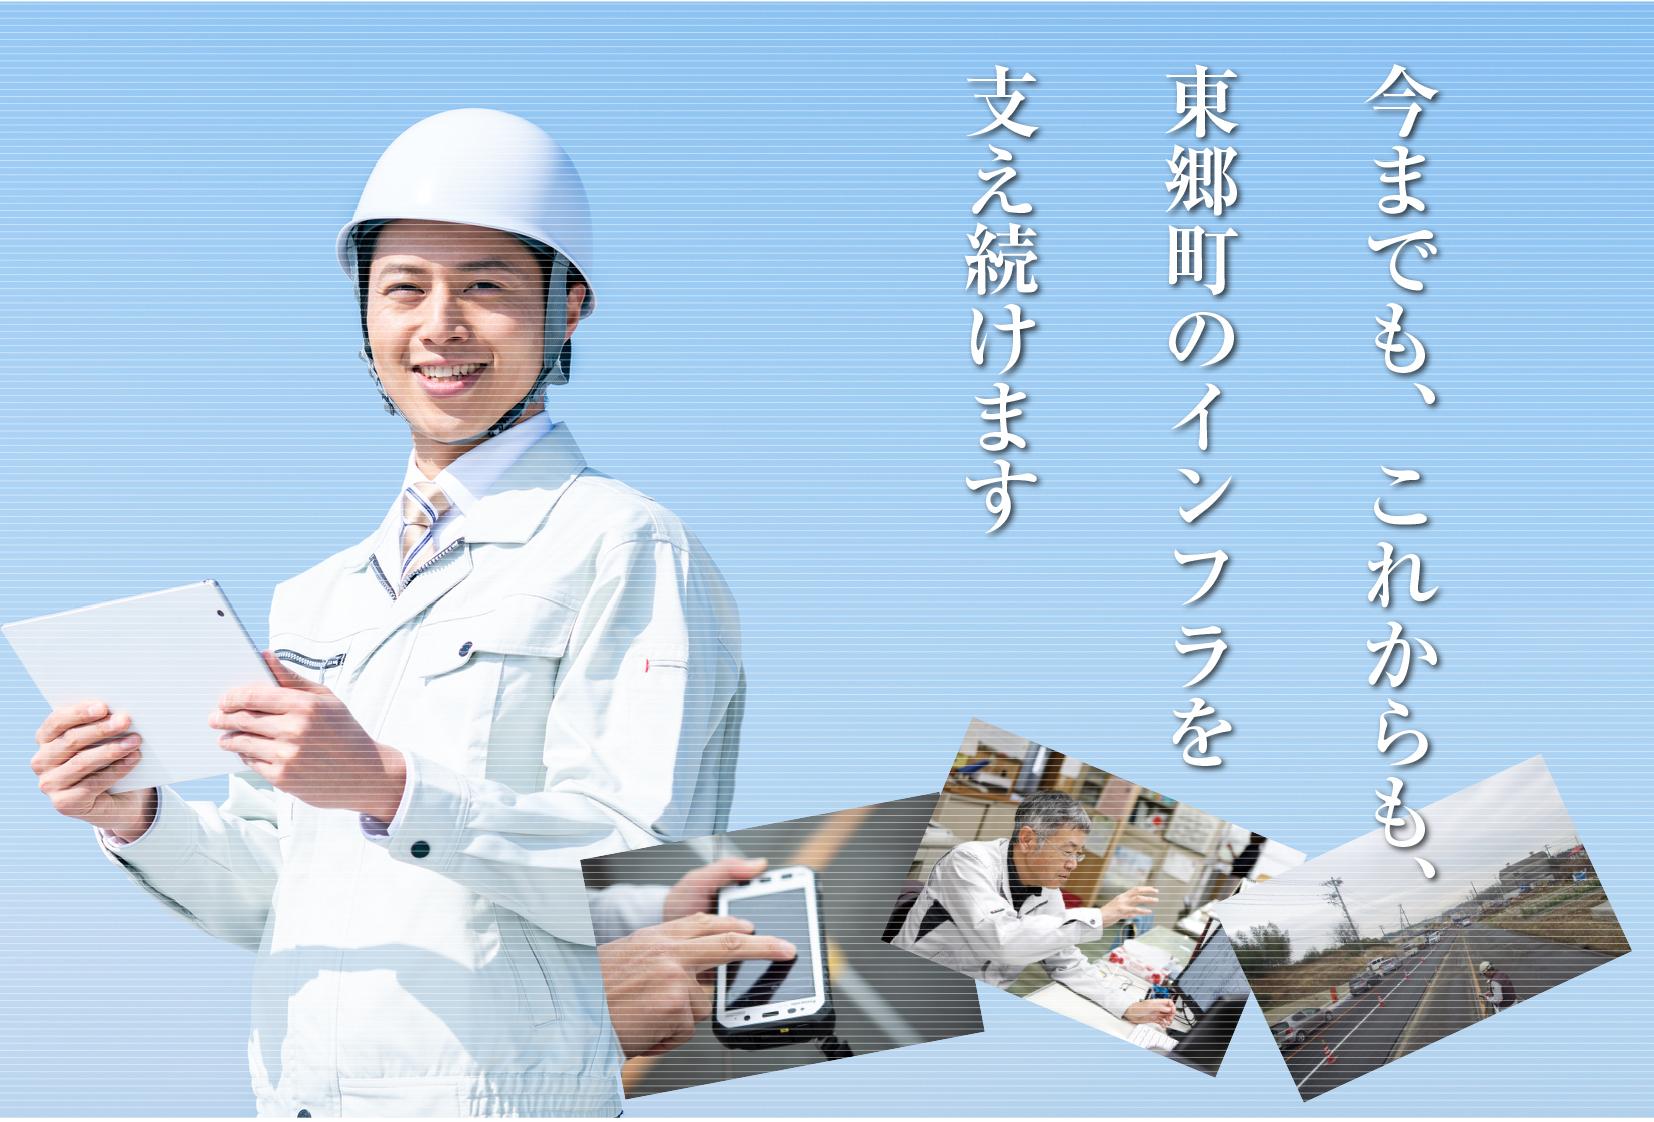 今までもこれからも東郷町のインフラを支え続けます。